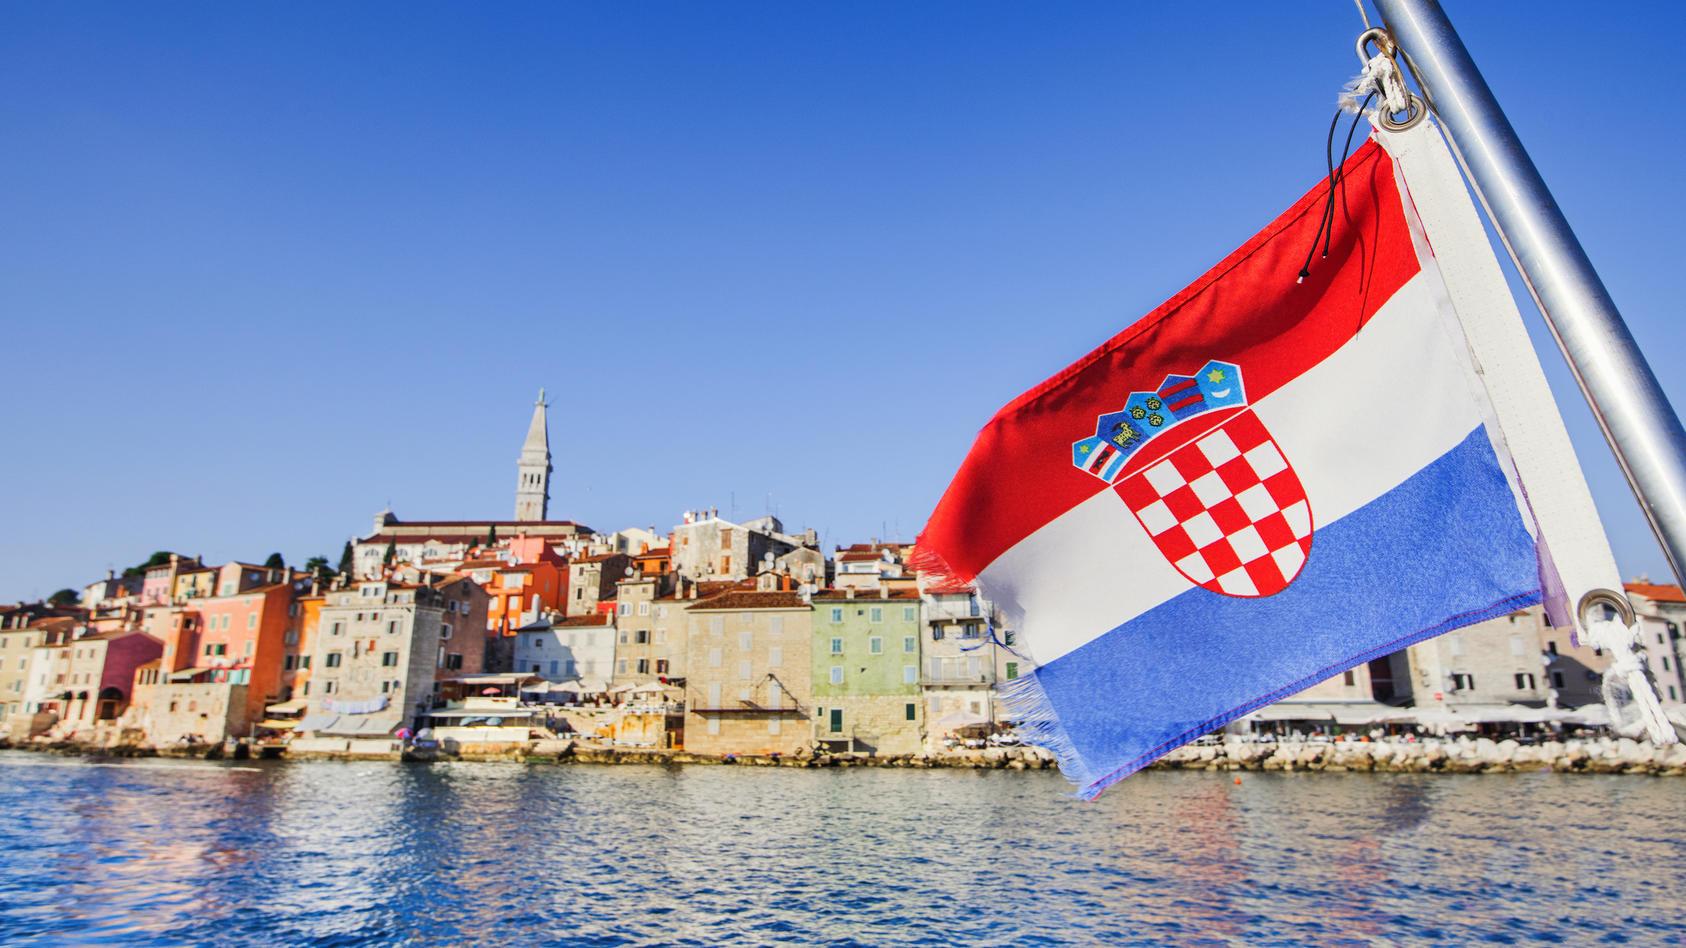 Die Infektionszahlen in Kroatien steigen dramatisch - was bedeutet das für einen Urlaub in Kroatien?